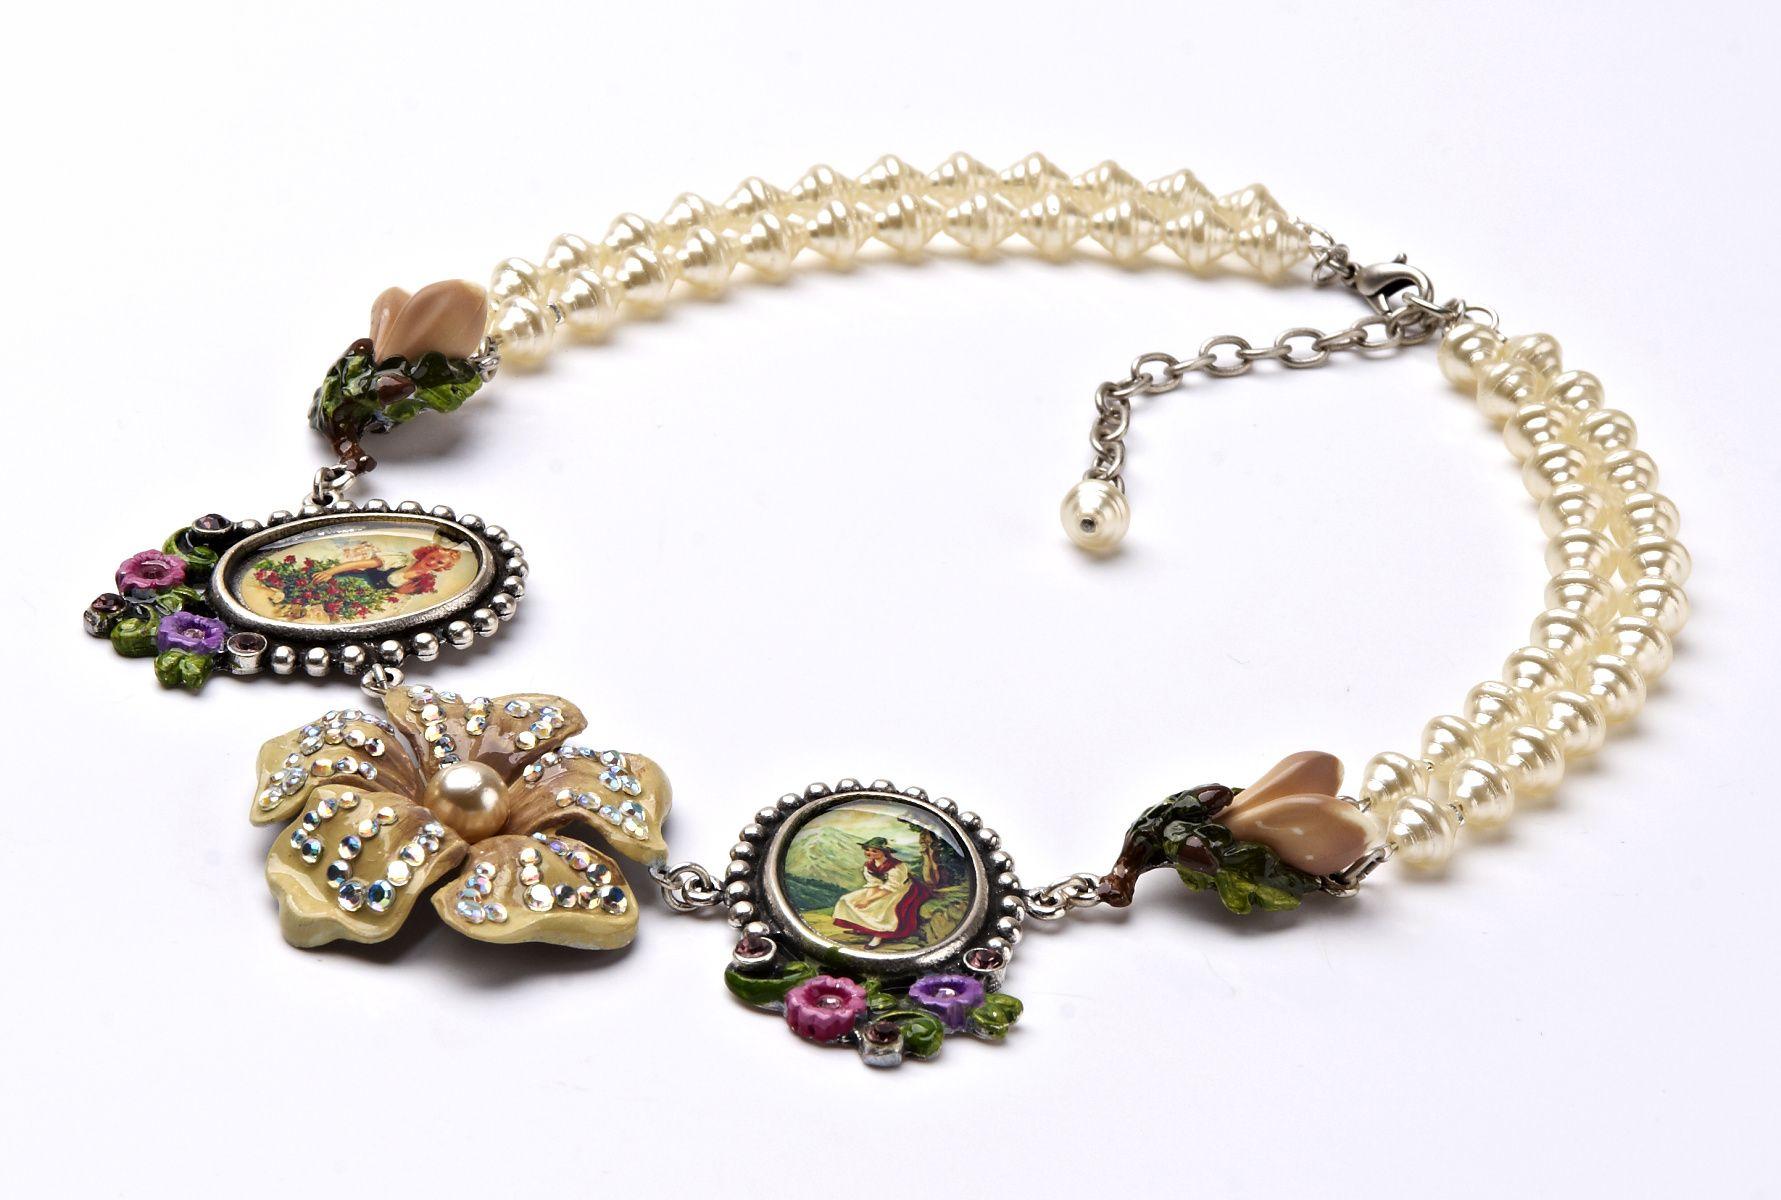 """Entzückendes Collier """"Blume"""" aus der Lola Paltinger Schmuck Design Kollektion im Online Shop www.almresi.de"""